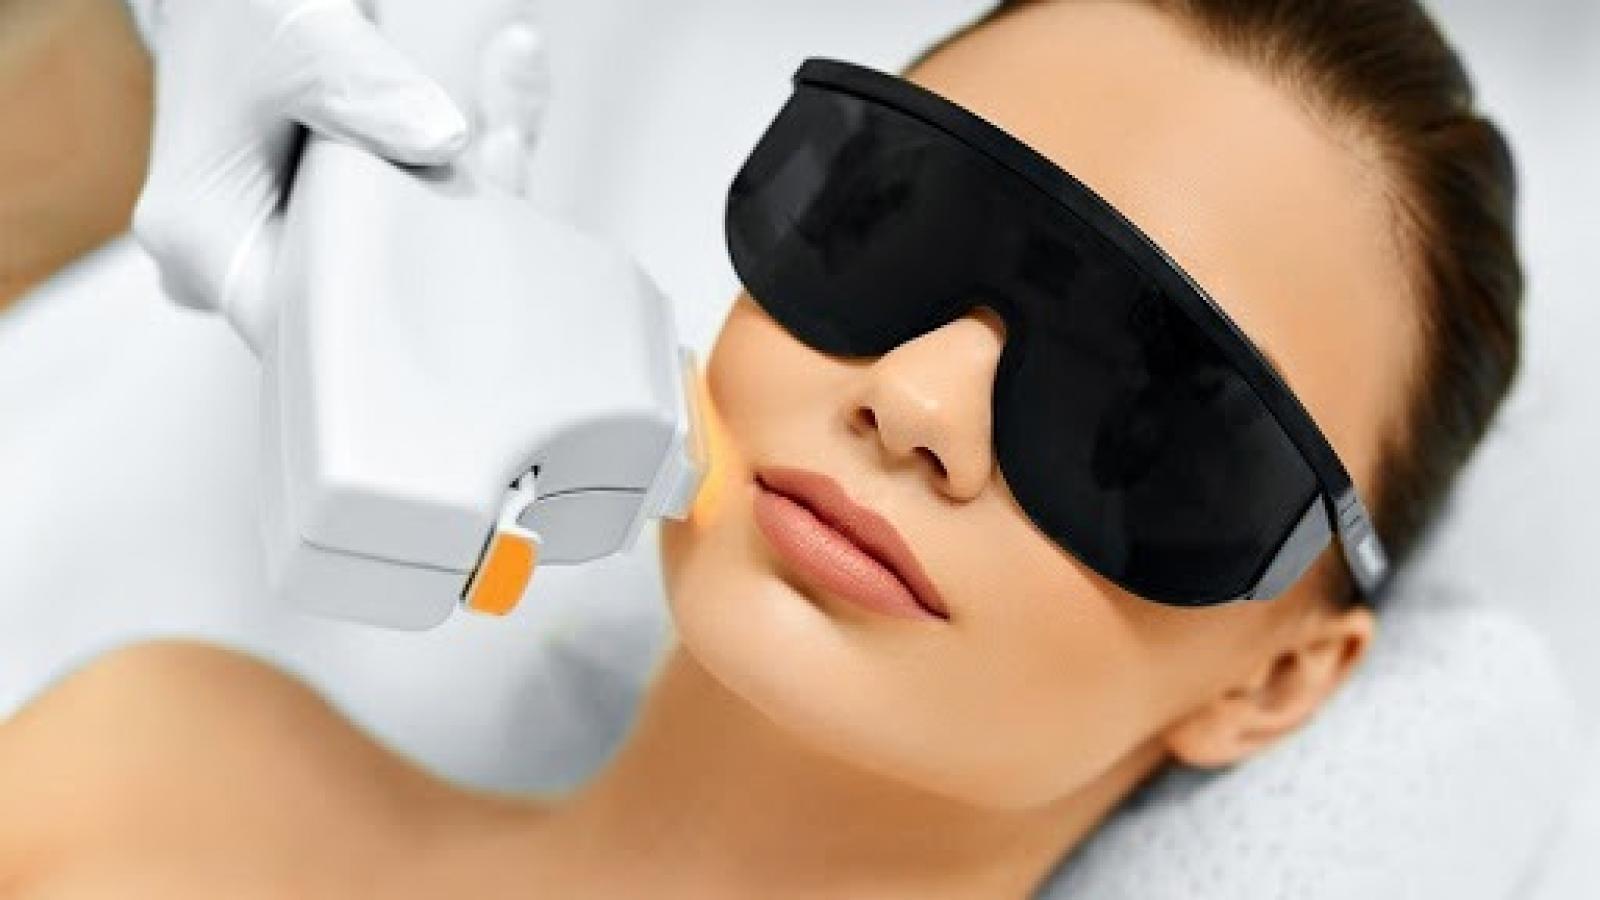 clinica de cirurgia plastica em santos dra ana lucia lemos fotodepilação